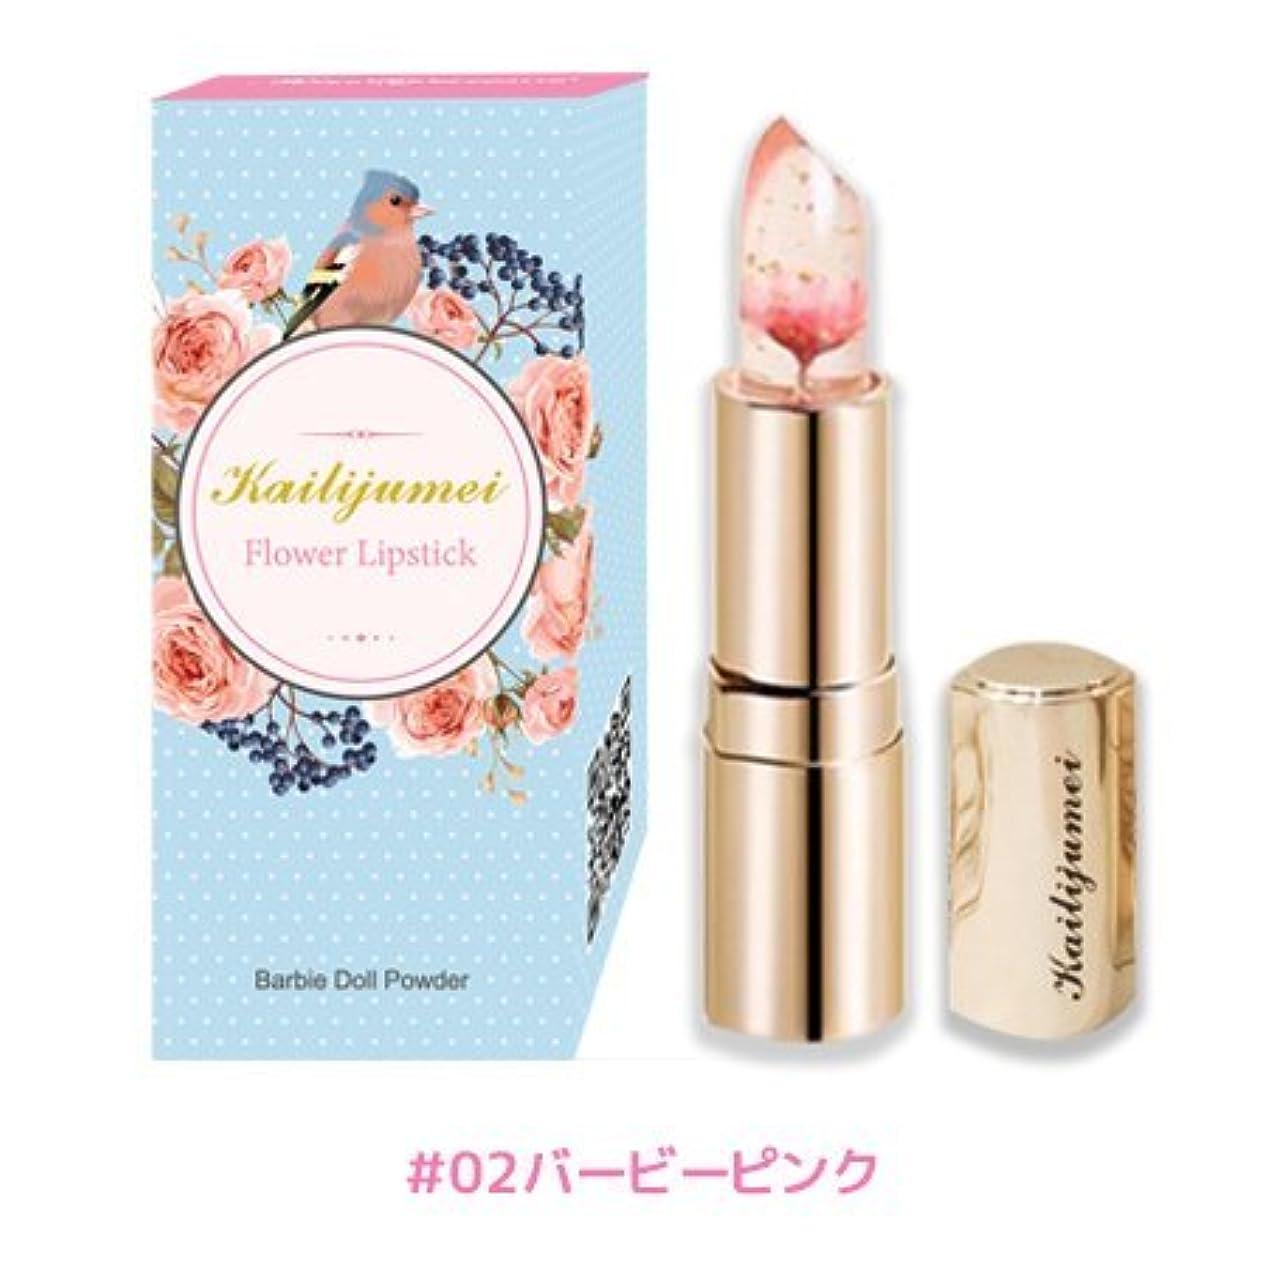 換気ひそかに洗剤日本限定モデル 新作 リミテッドエディション kailijumei Lovely+ (ラブリープラス) 天然オイル入り 唇の温度で色が変化するリップ 口紅 カイリジュメイ 恋する唇 選ばれる唇 お花 3種類 (Barbie Pink)